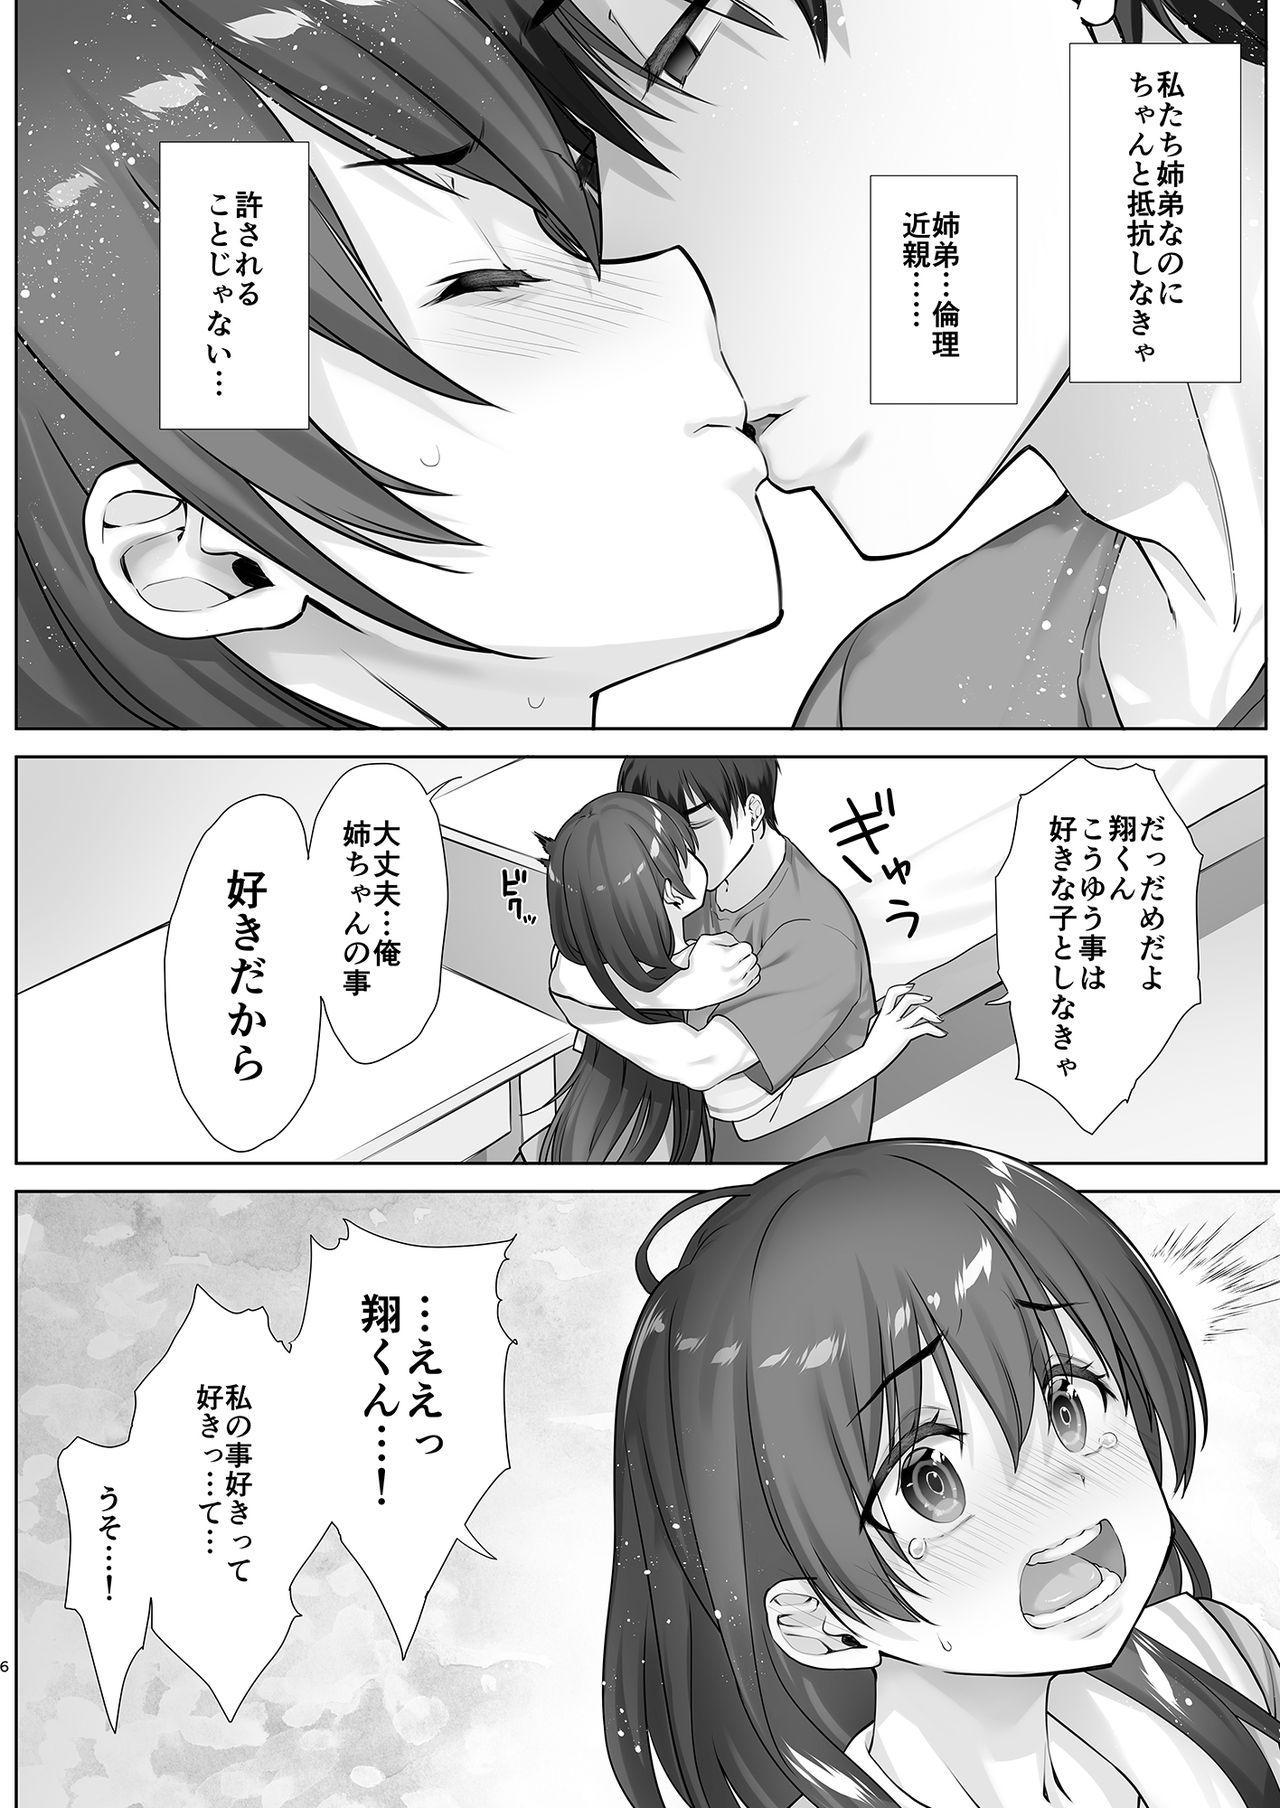 Teihanpatsu JK Onee-chan Manami wa S na Otouto ni Sakaraenai 5